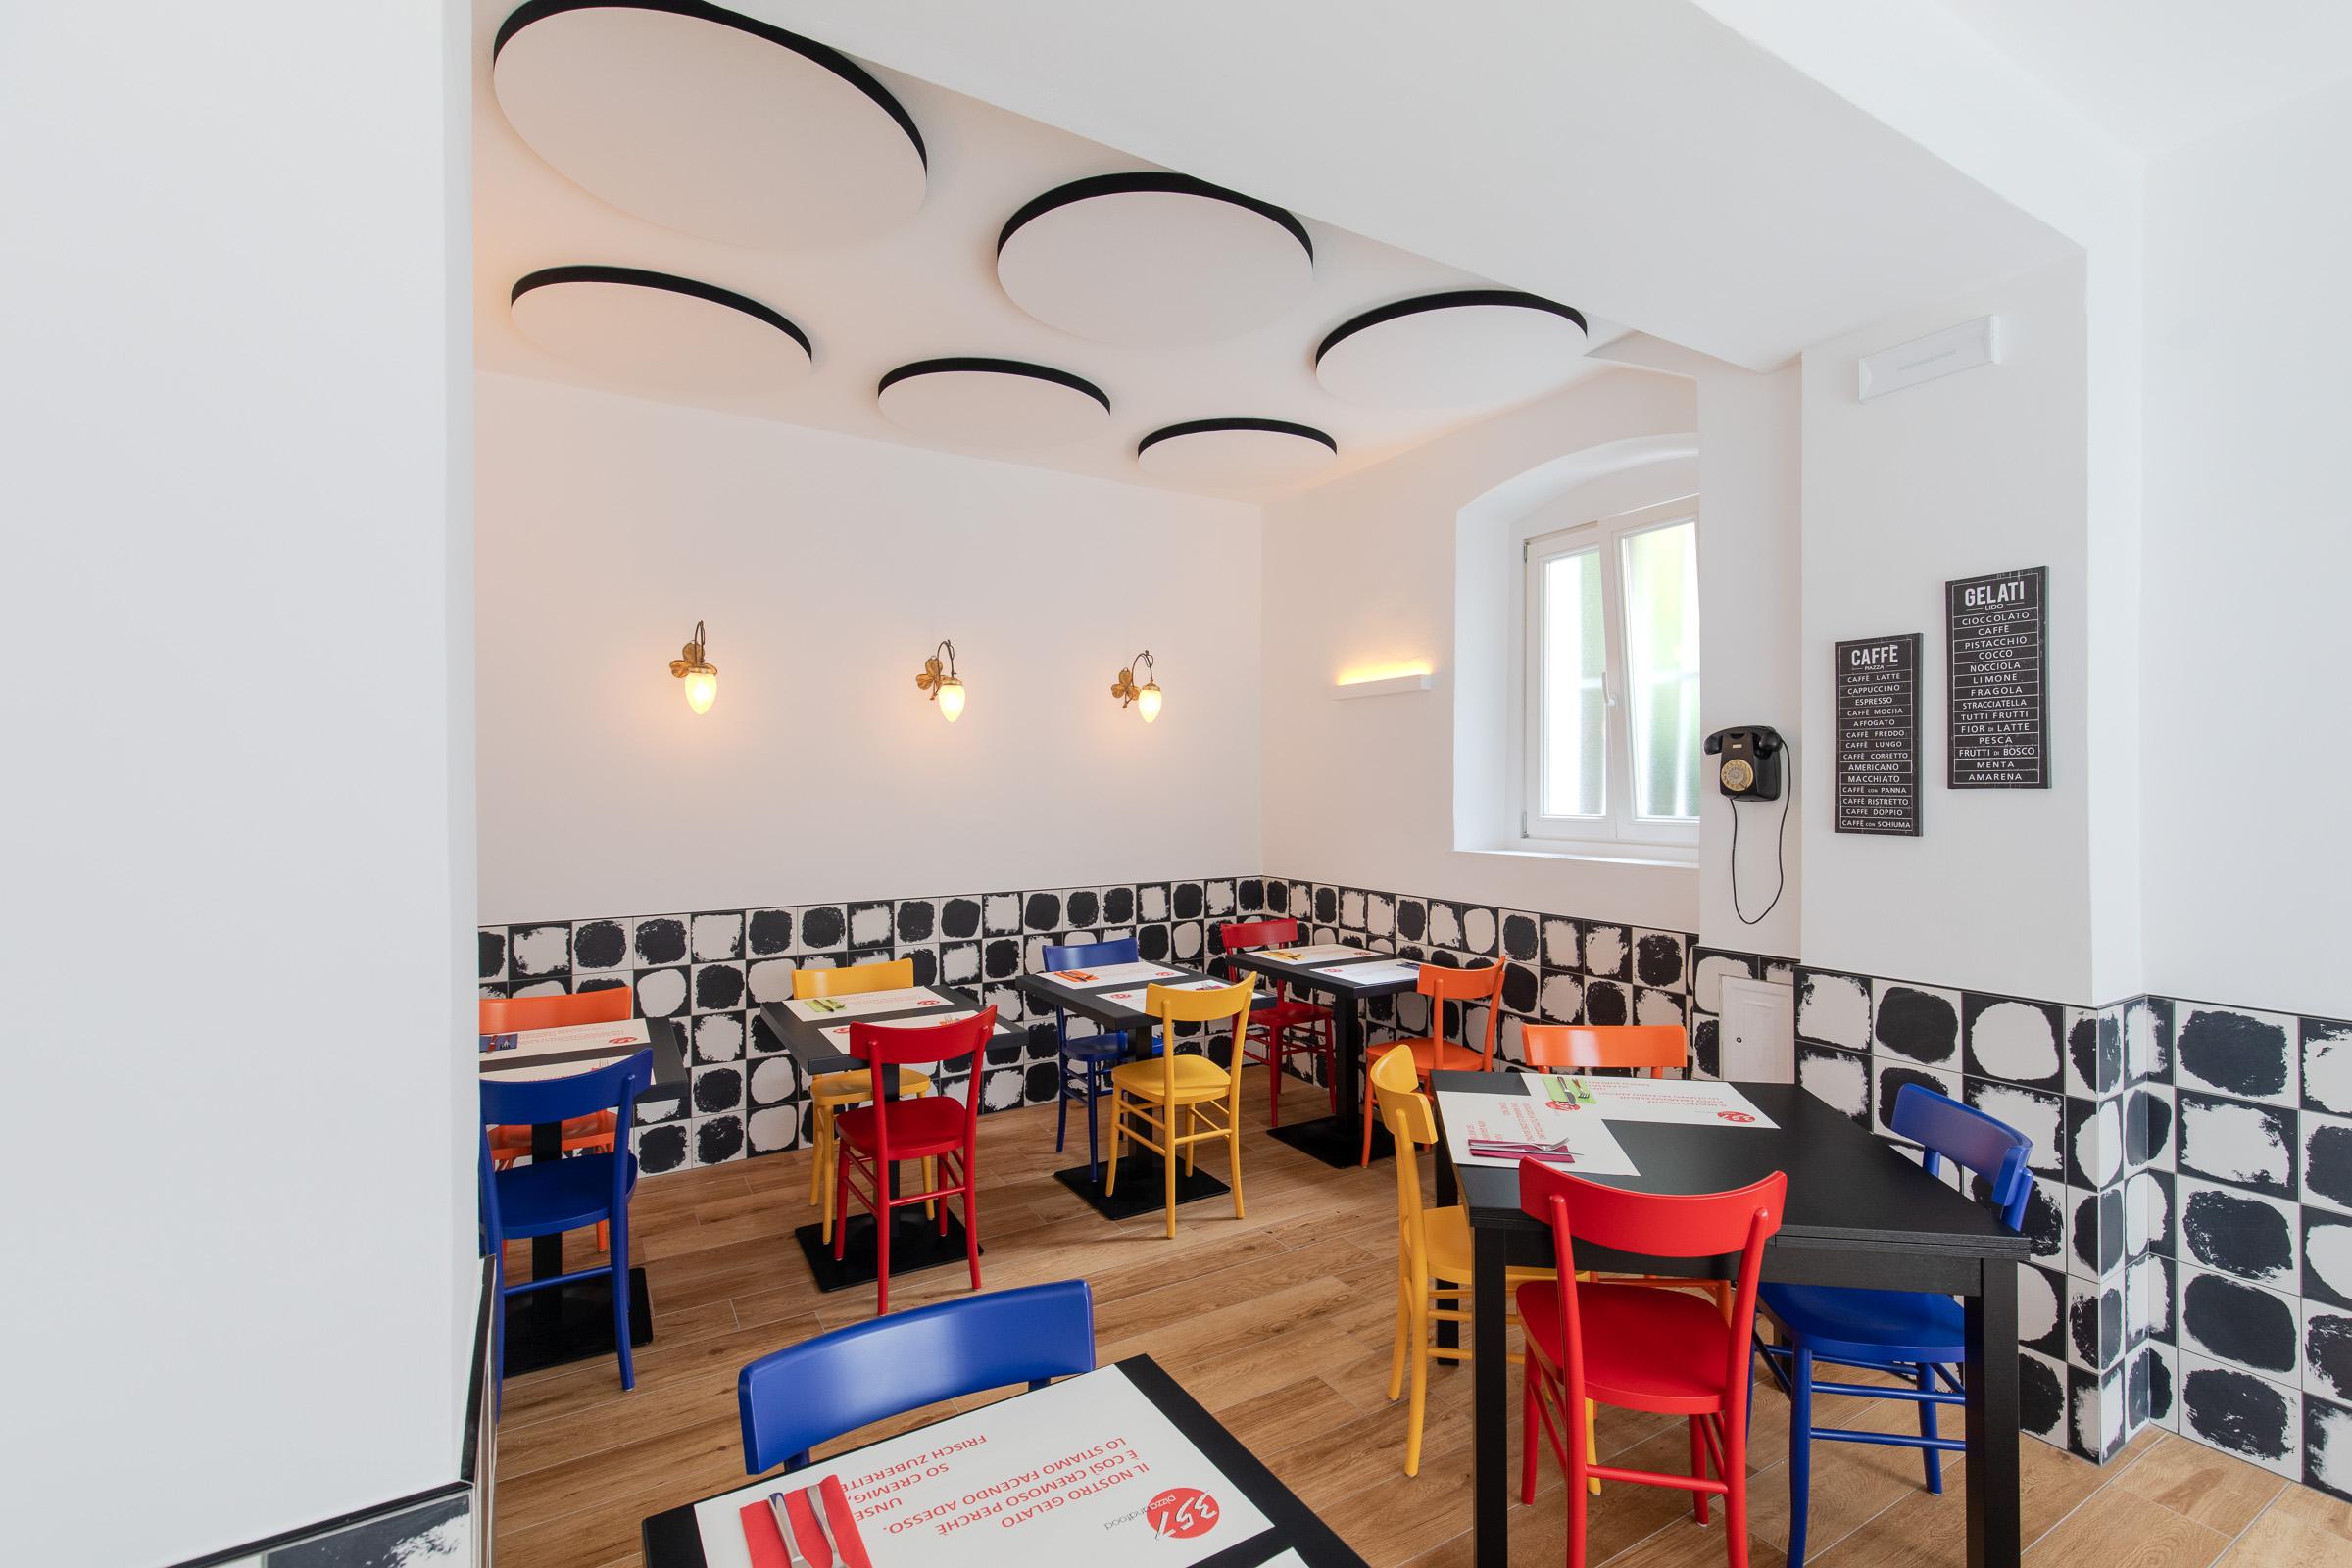 Restoran Akustik Ses Yalıtım Malzemeleri